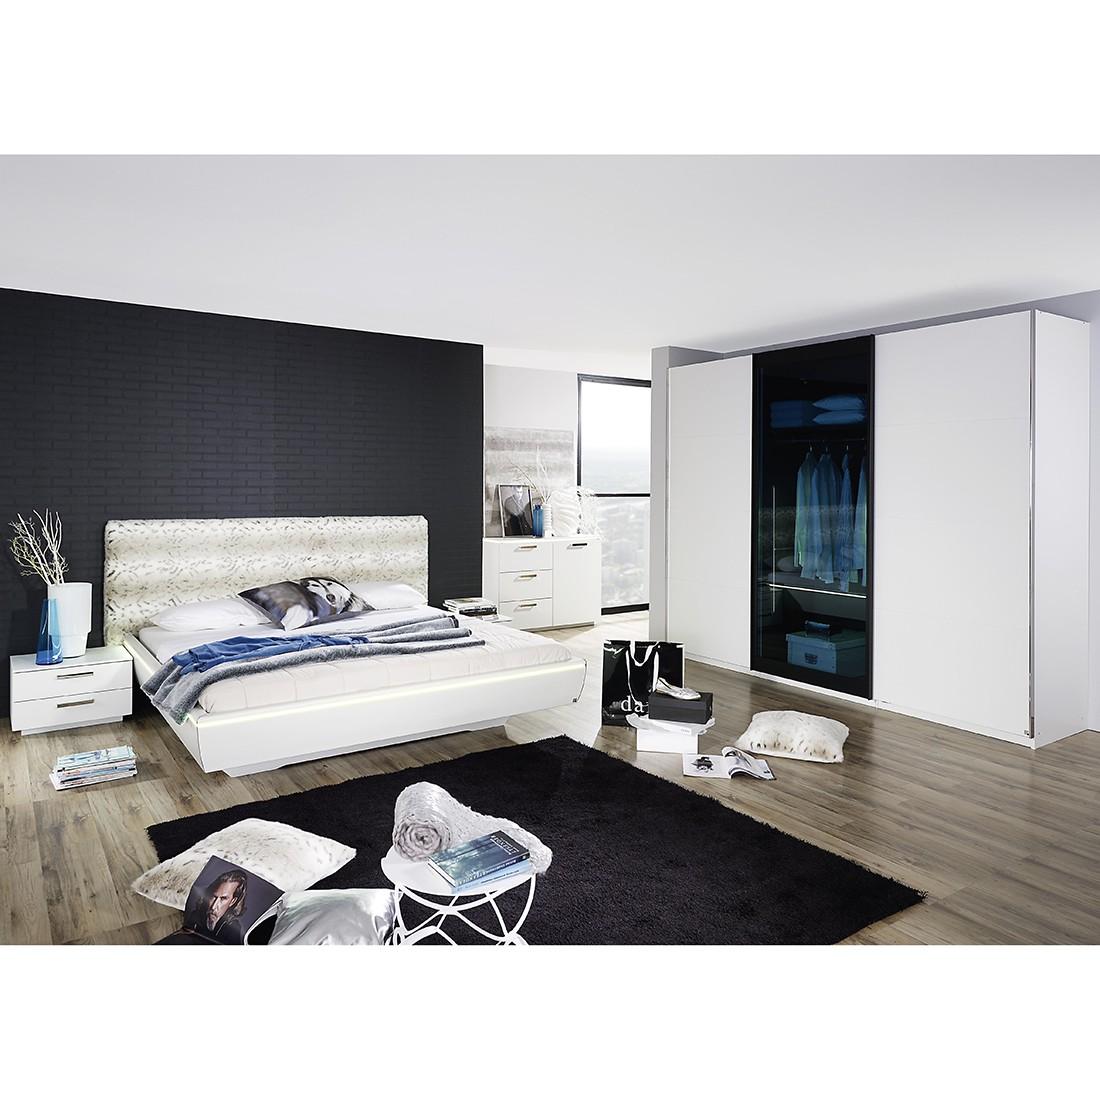 Schlafzimmerset Lahti – Alpinweiß, Rauch günstig kaufen